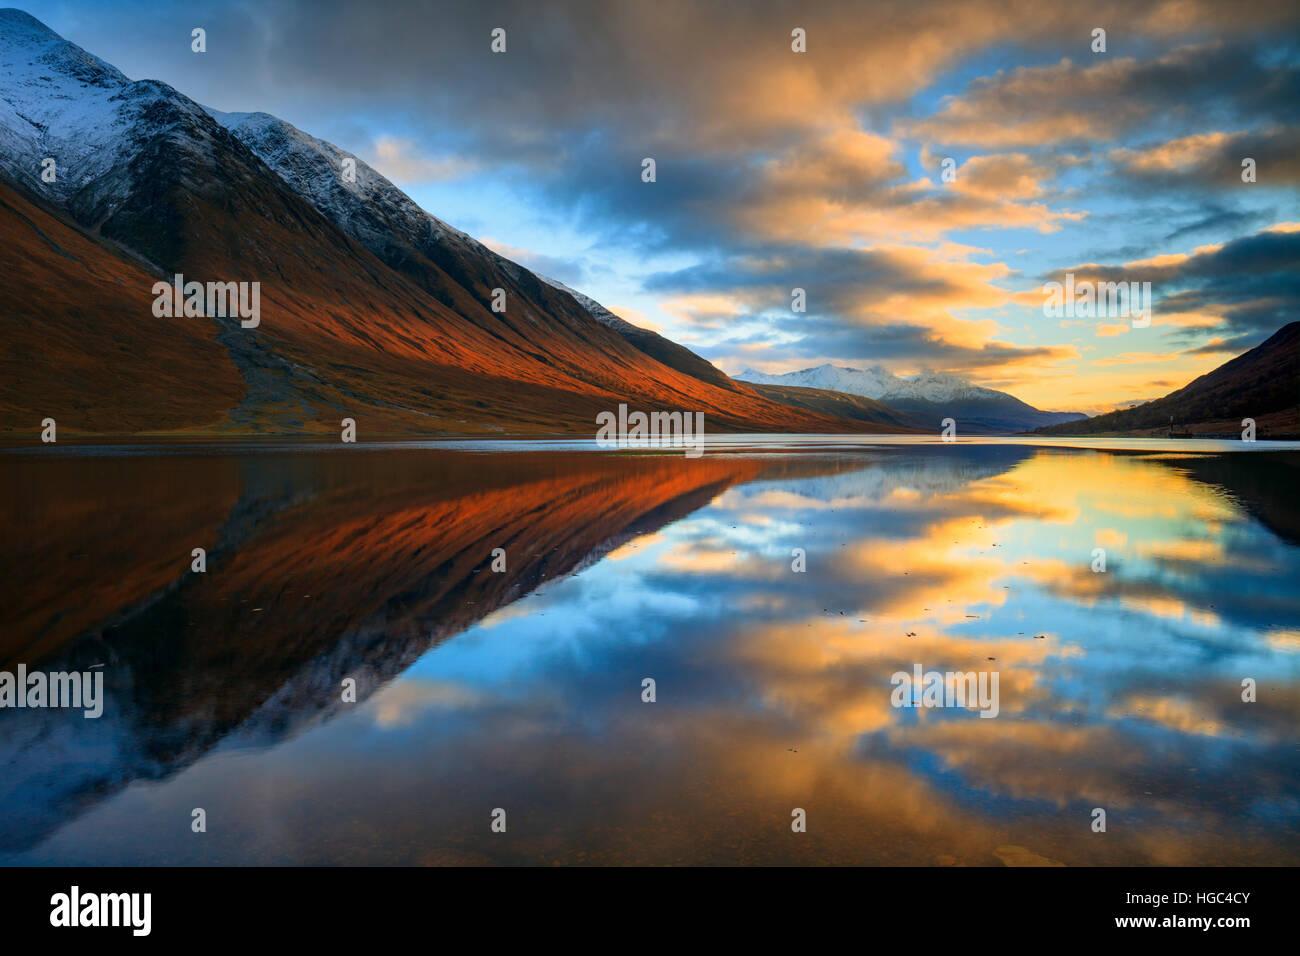 Tramonto riflesso in Loch Etive catturate da vicino Gualachulain nelle Highland Scozzesi. Immagini Stock